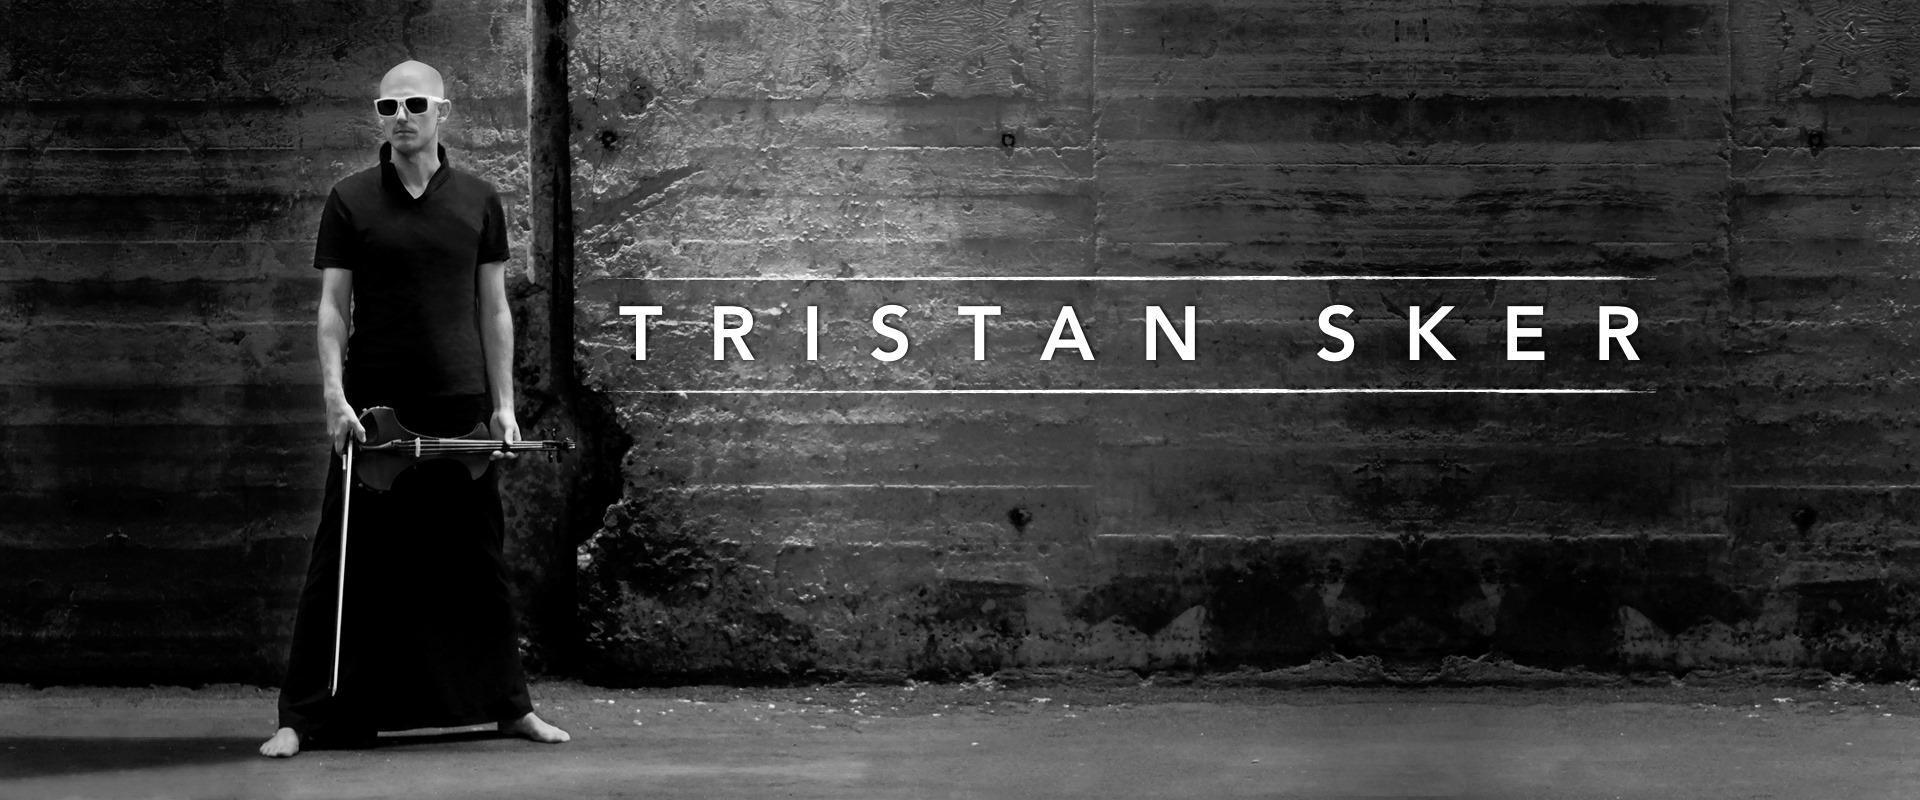 Concert été kiviv briollay Tristan Sker